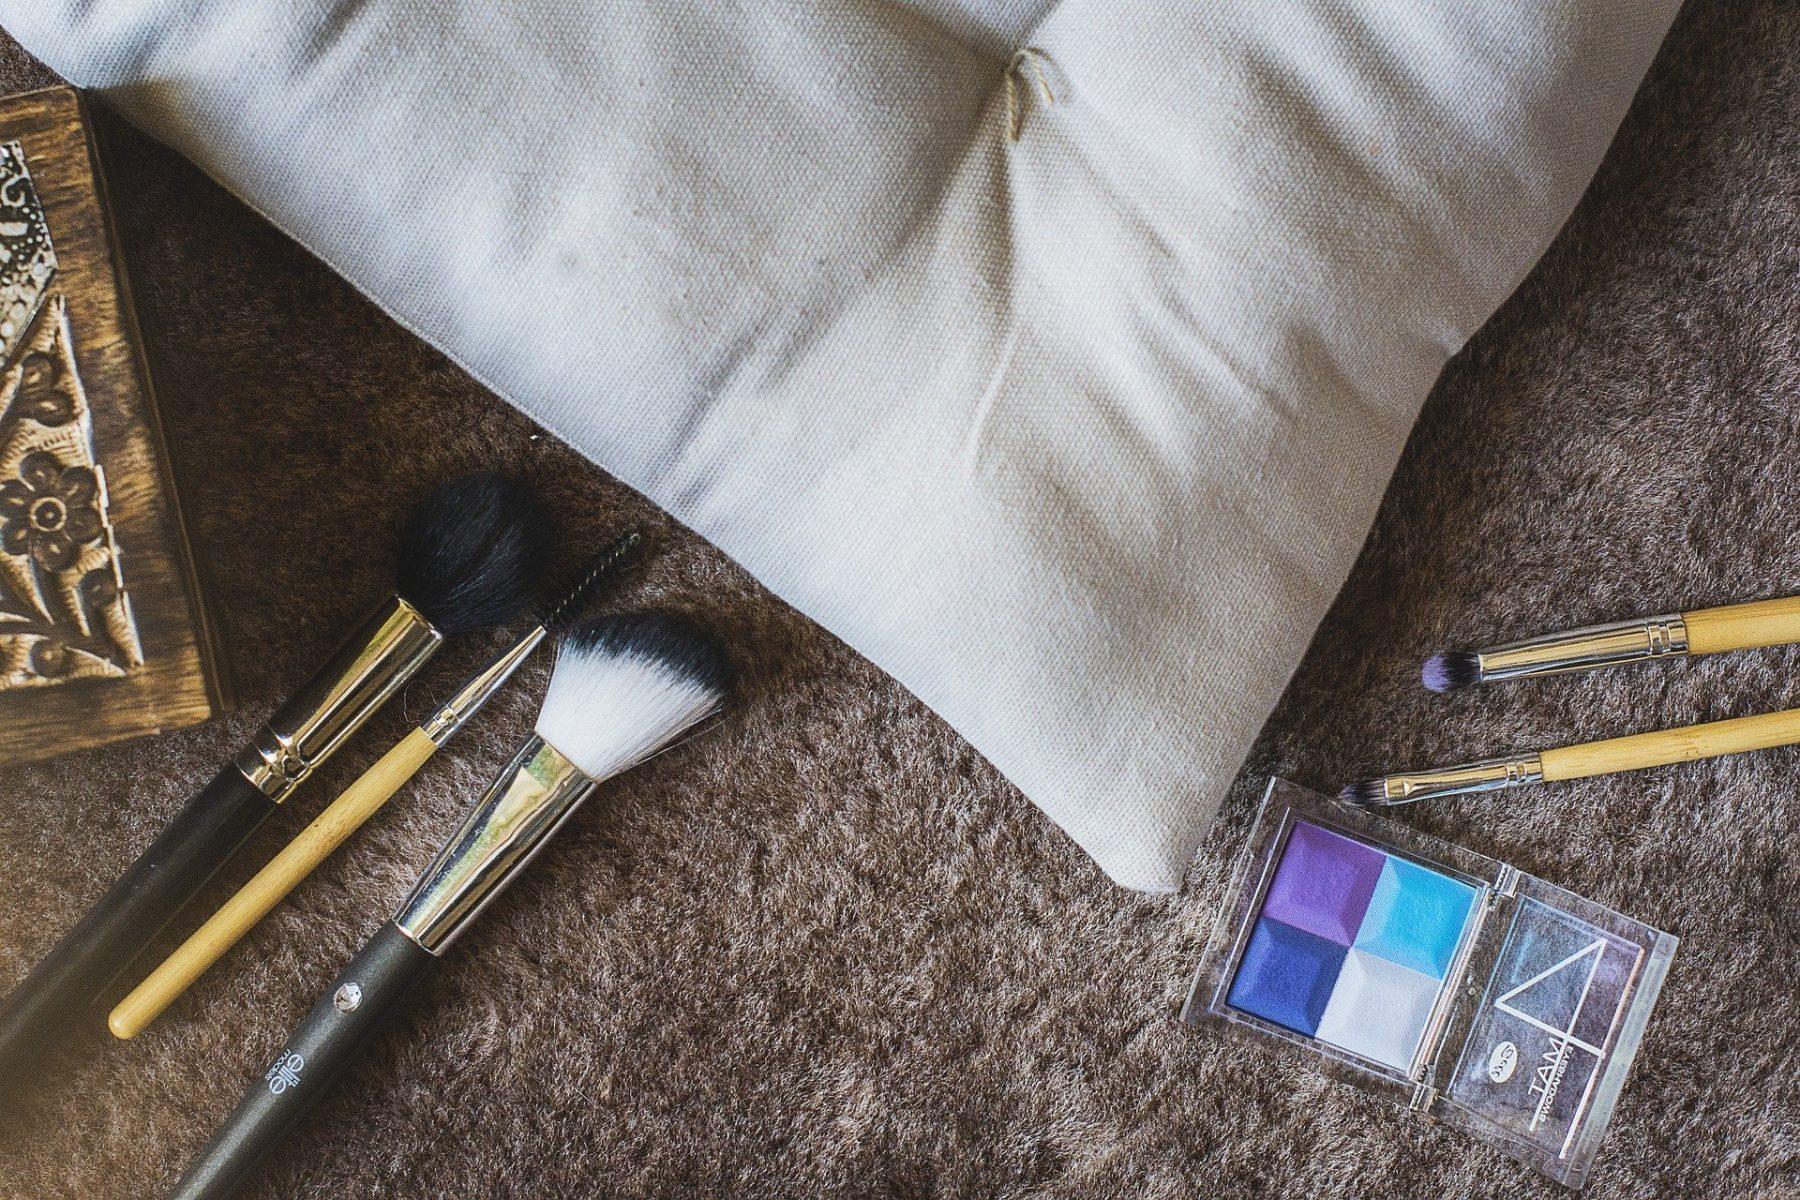 Νεσεσέρ: Must-have προϊόντα που πρέπει να έχετε πάντοτε στην τσάντα σας